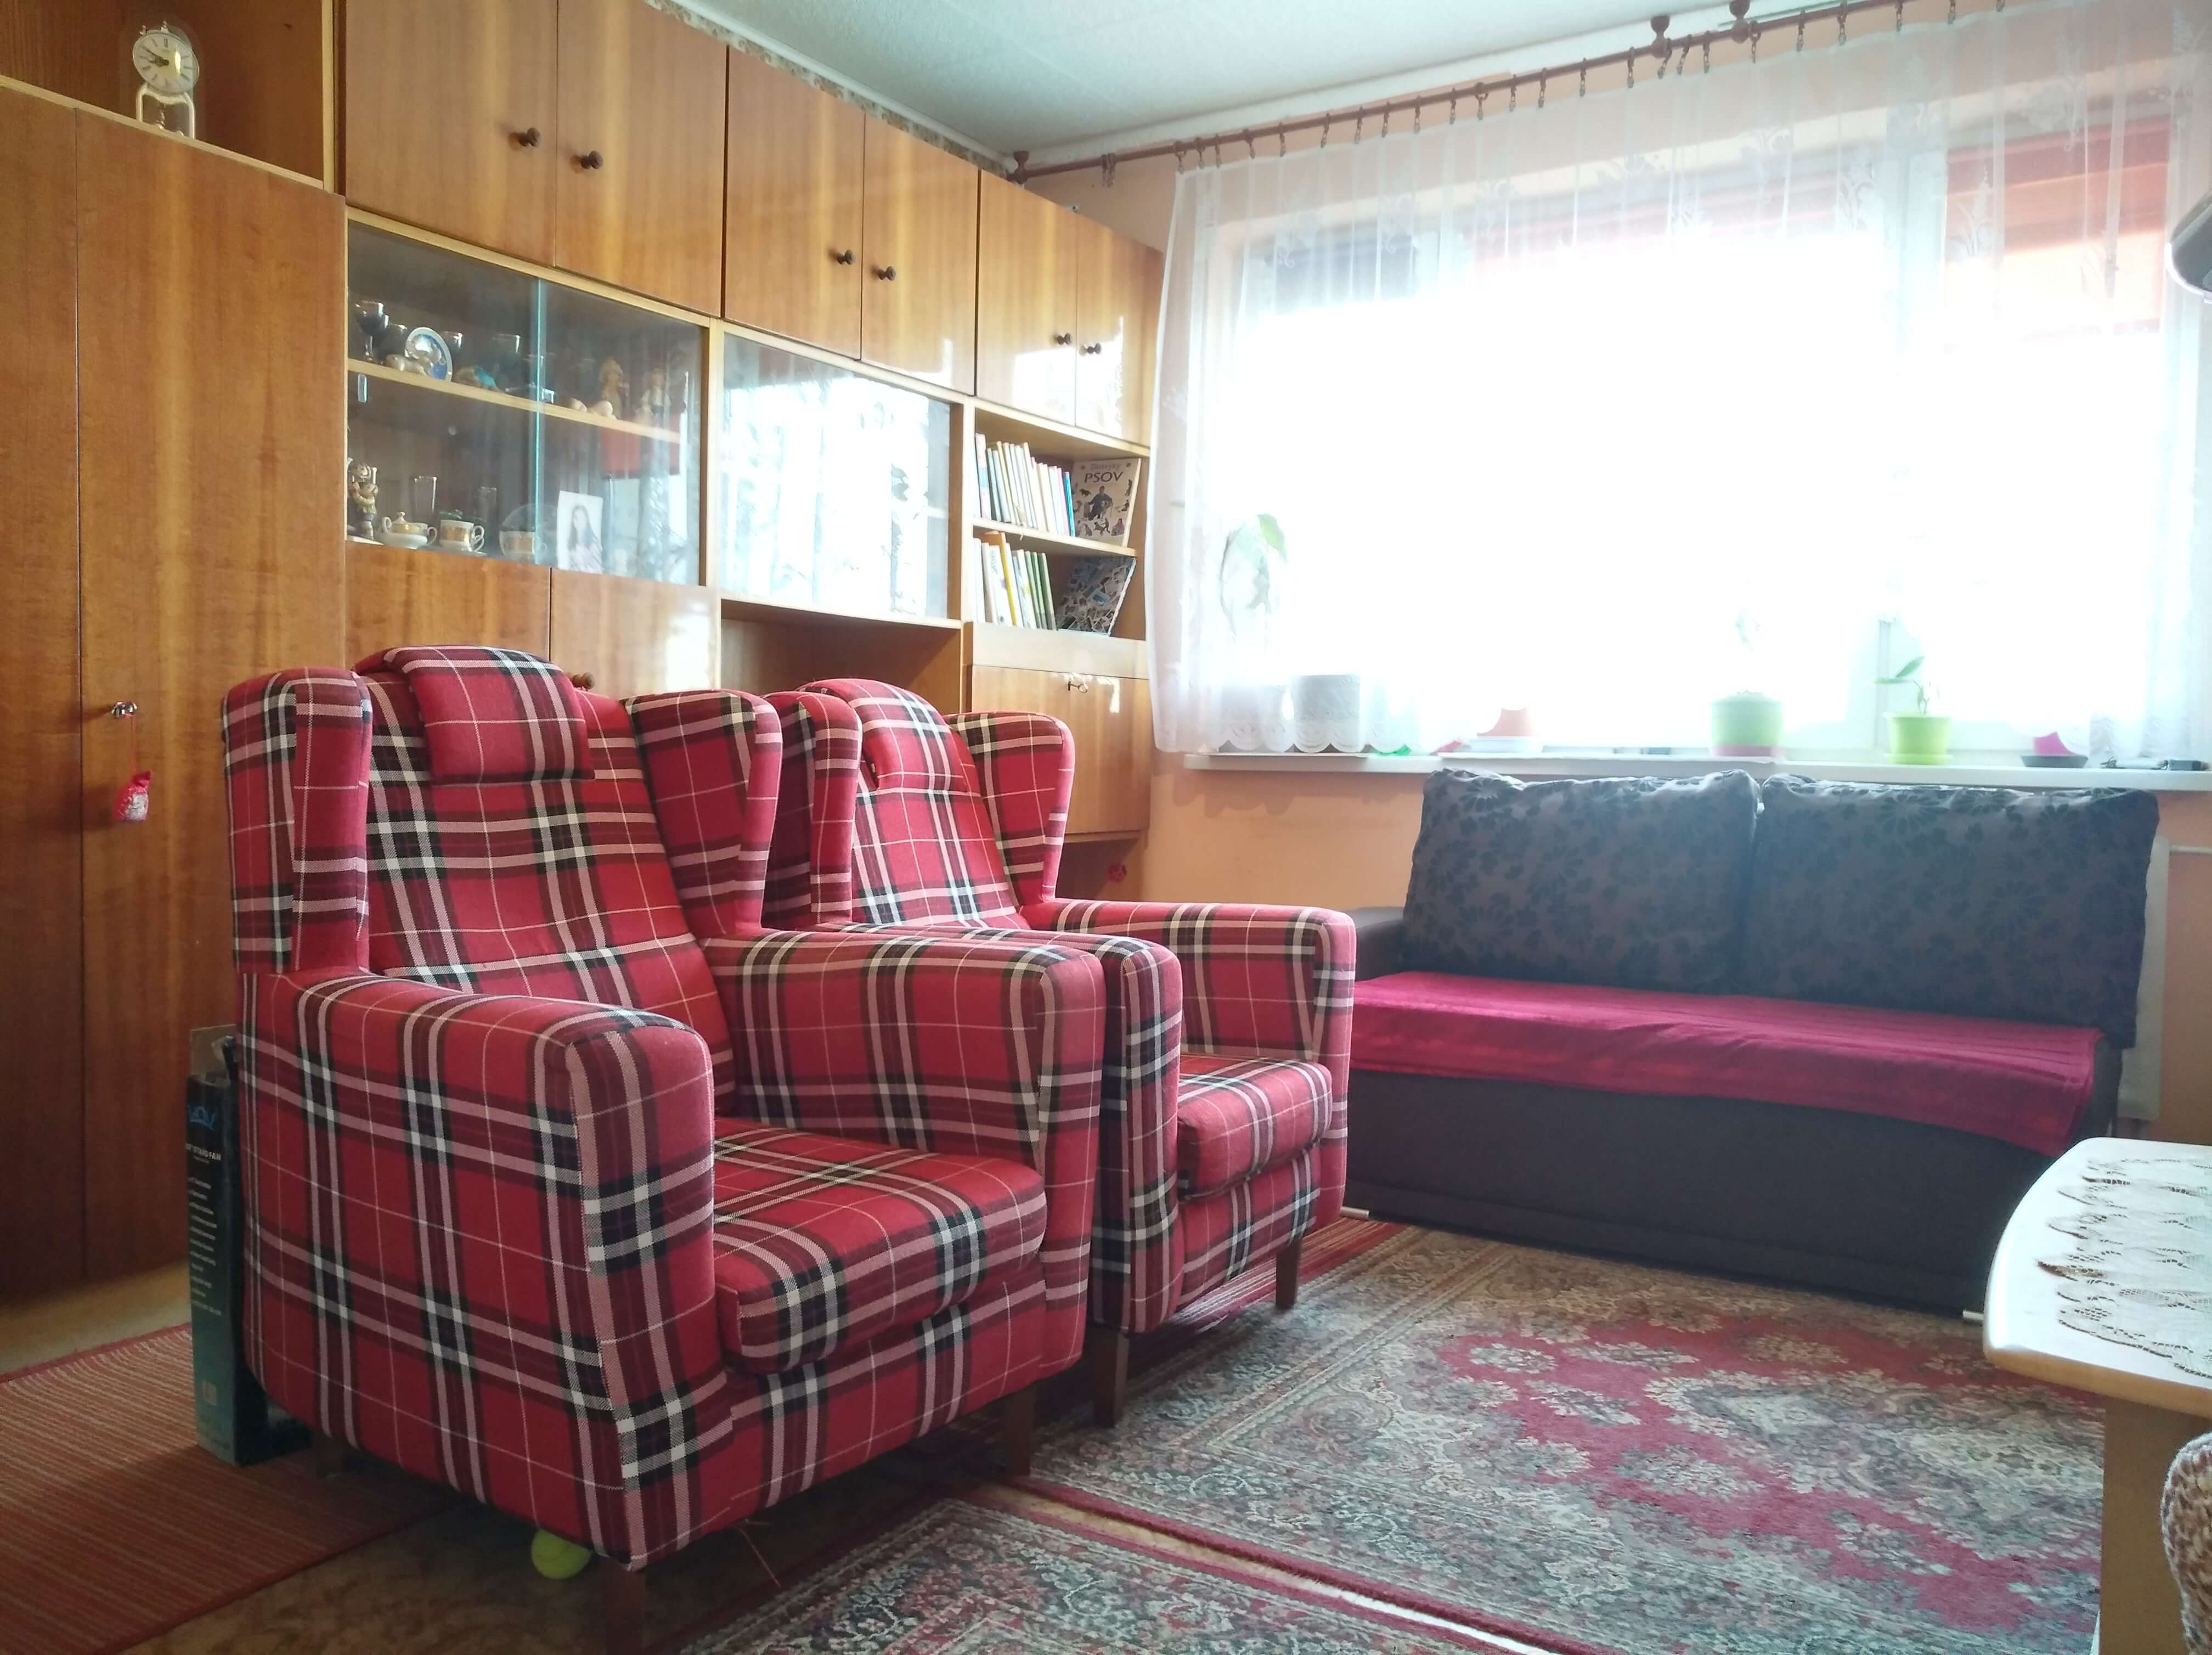 Predaný Byt v pôvodom stave na Švabinského ulici-1